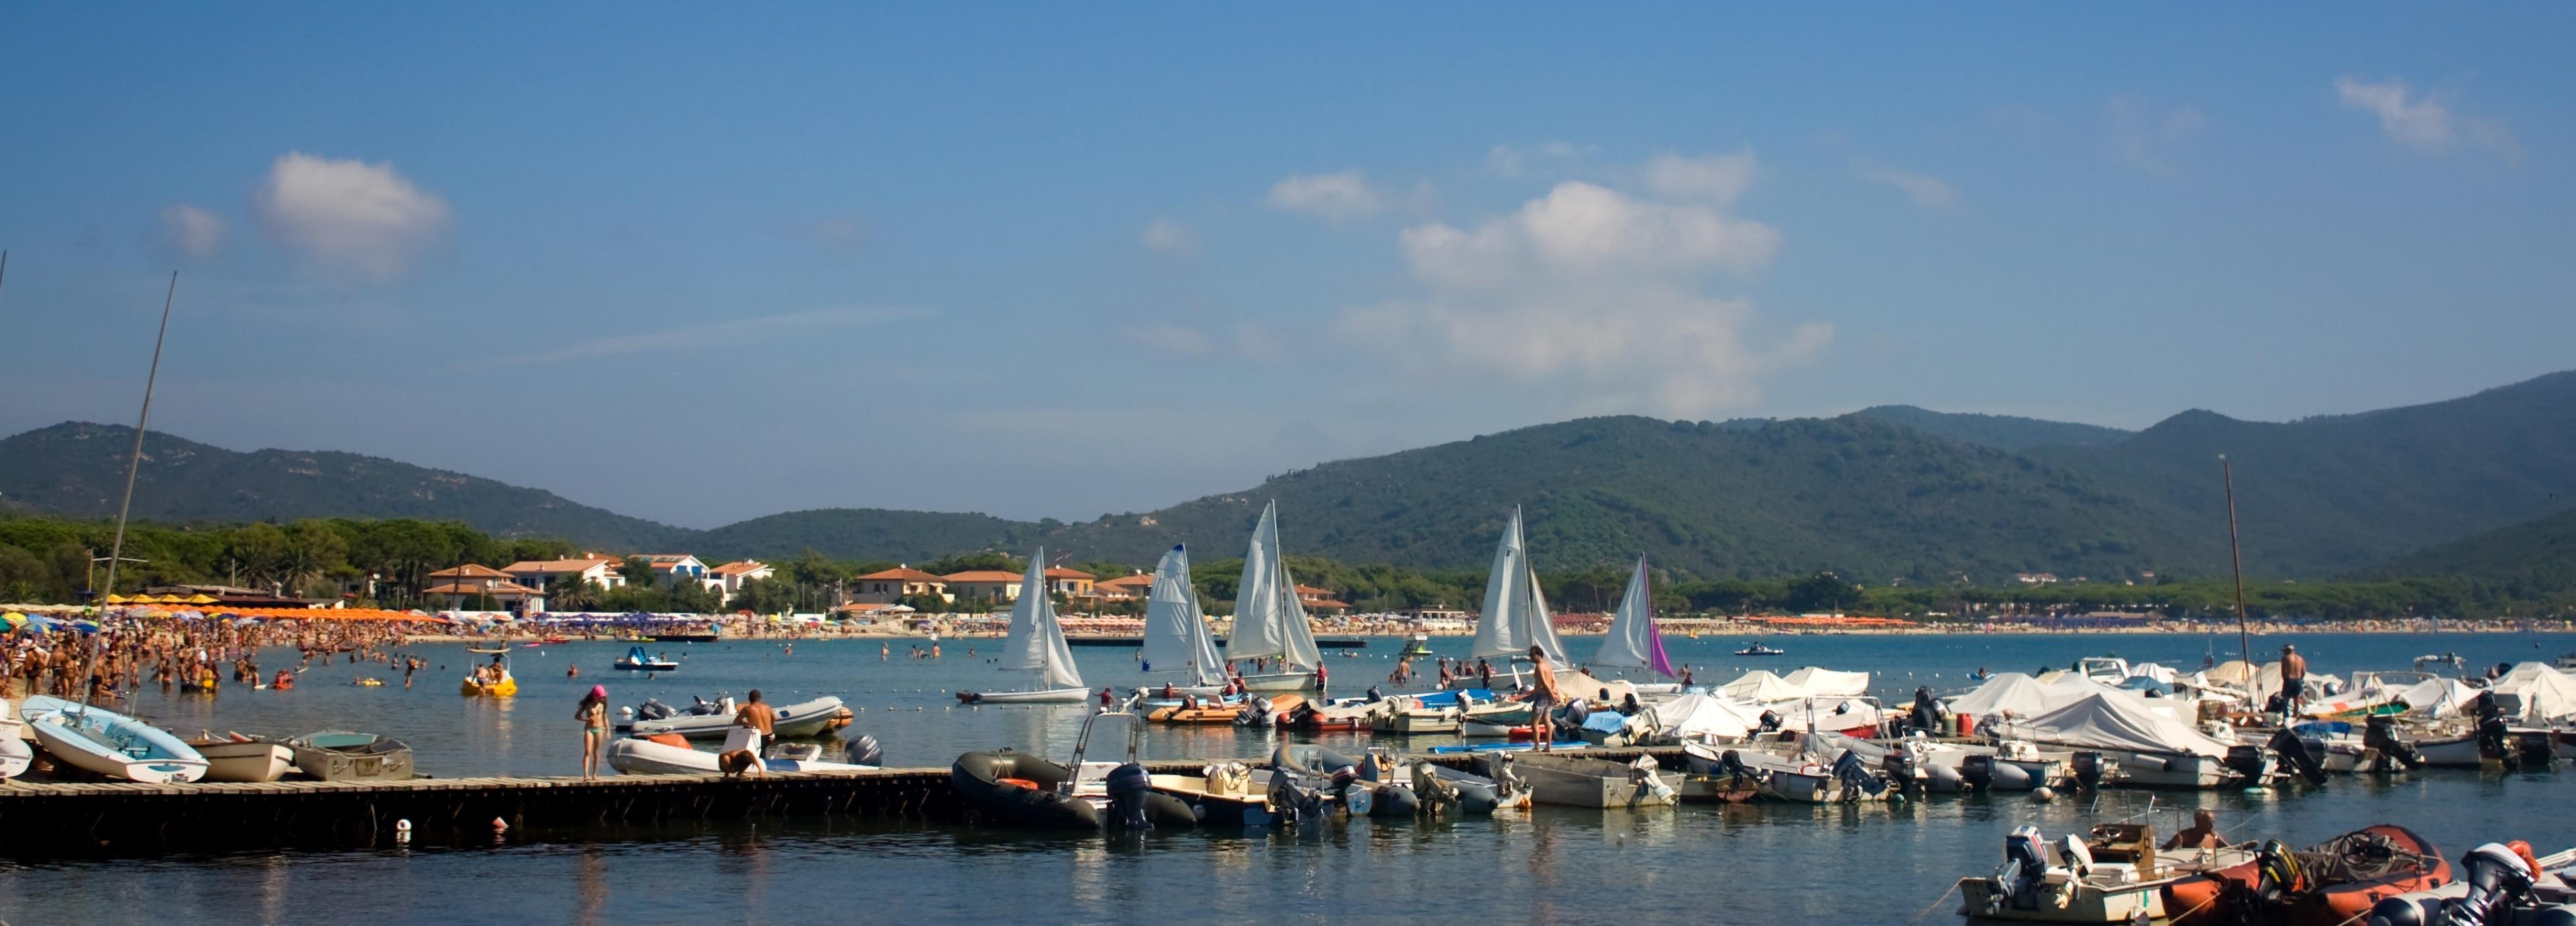 Strand von Marina di Campo, Campo nell'Elba, Toskana, Italien